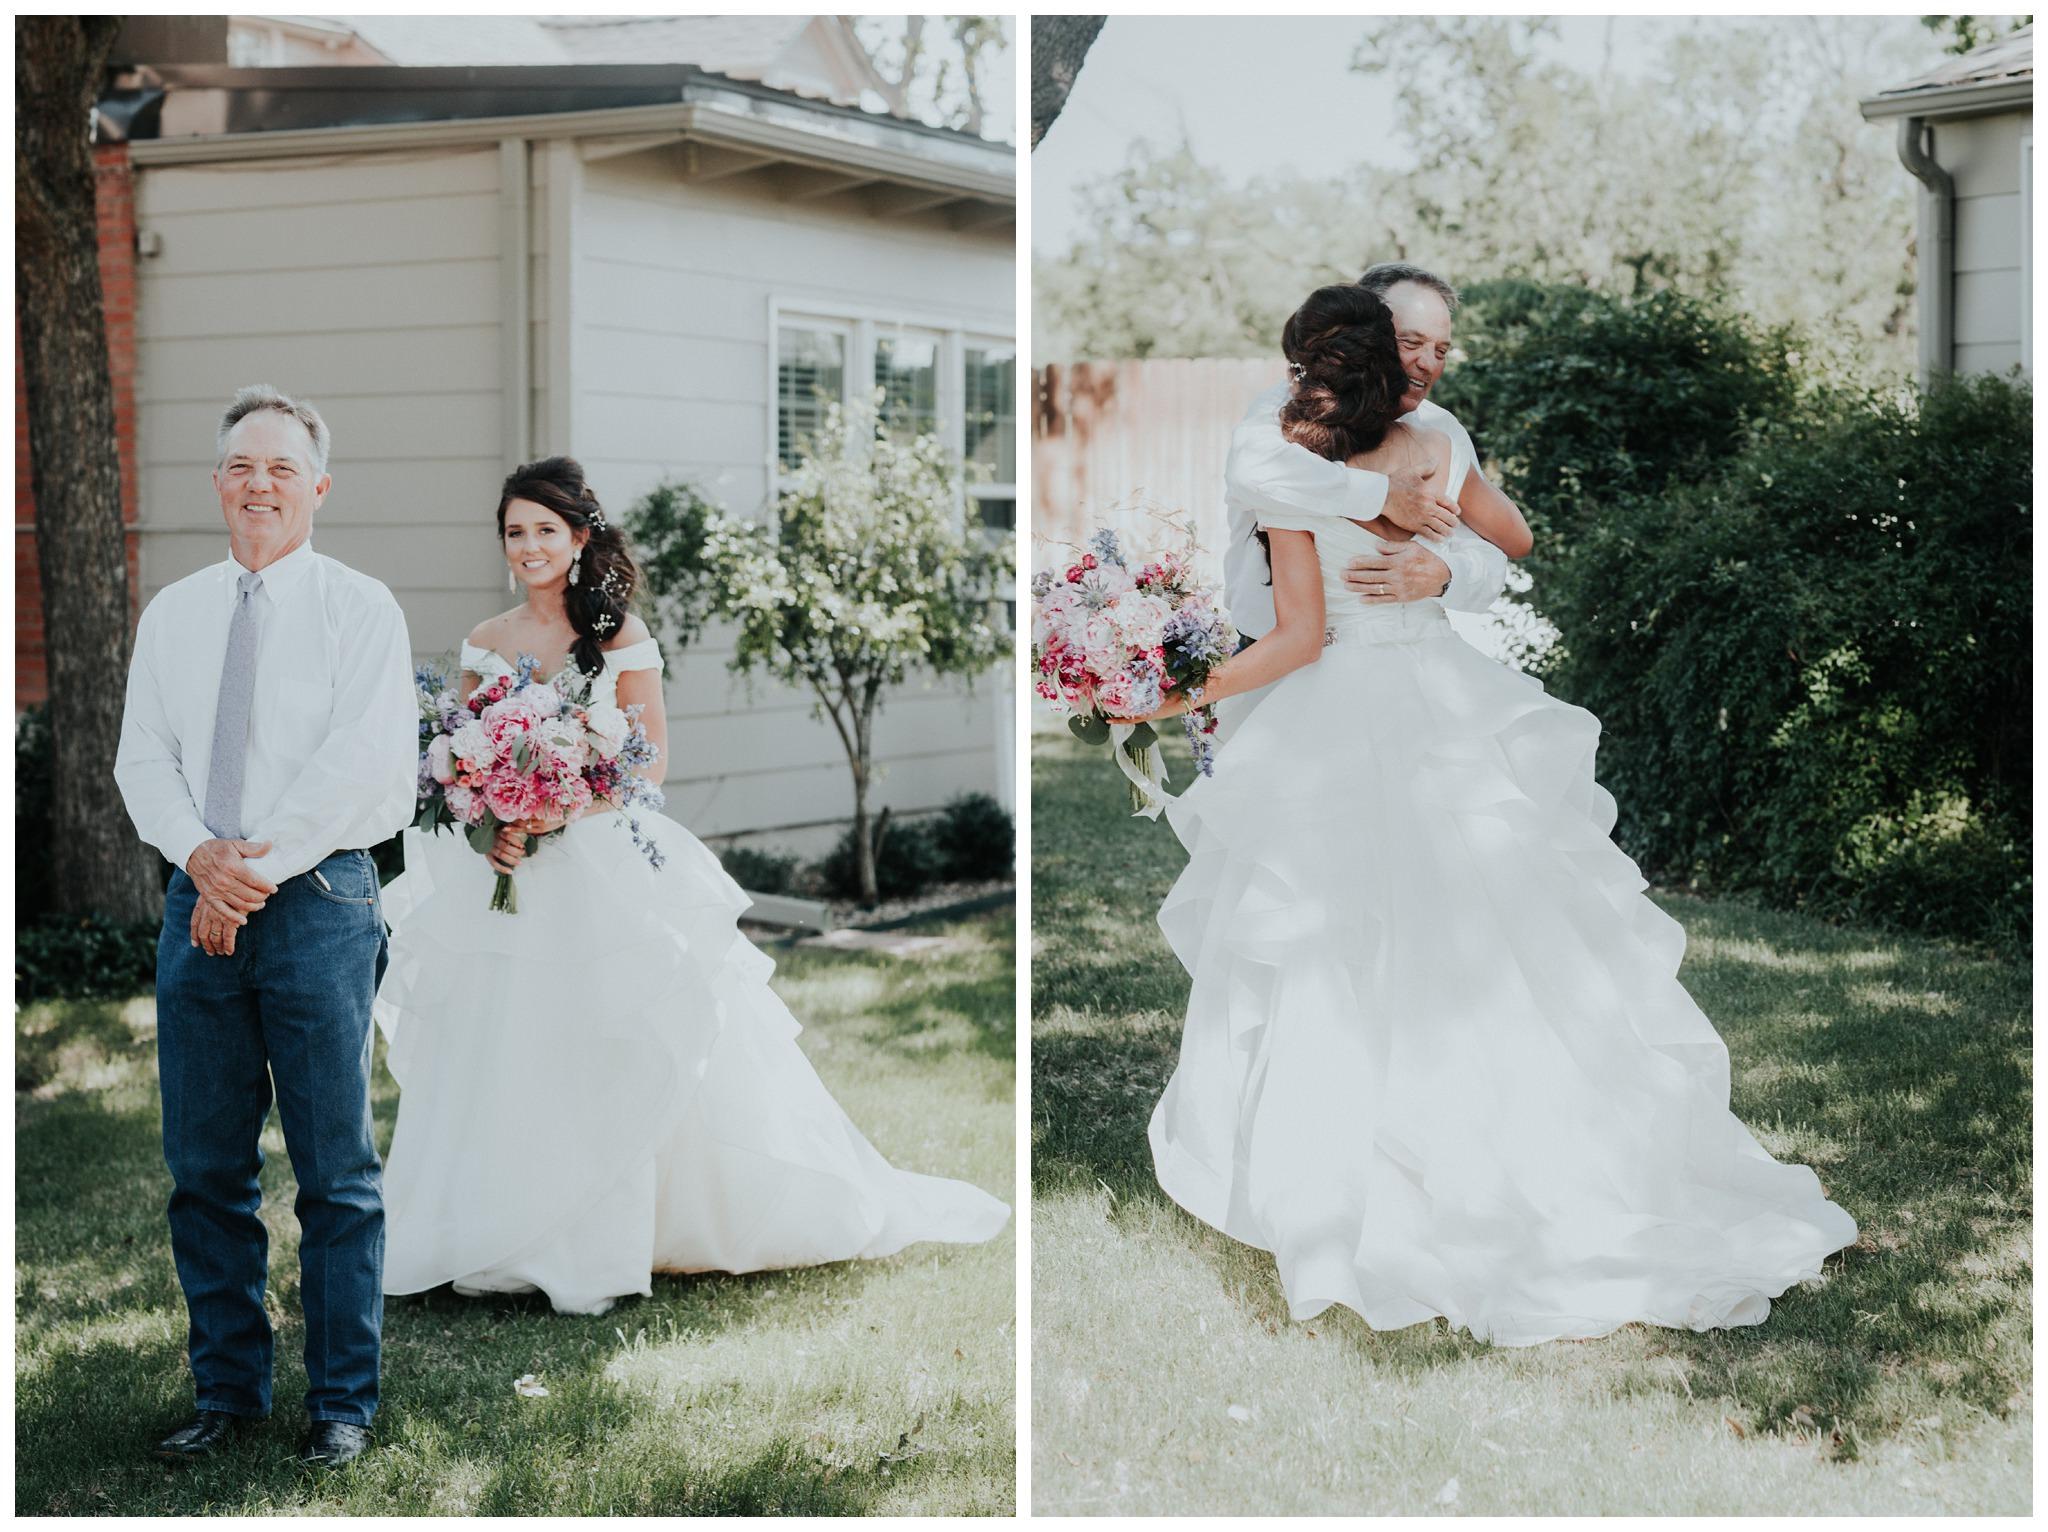 Whimsical Ranch West Texas Wedding - DIY Farm Wedding-2309.jpg